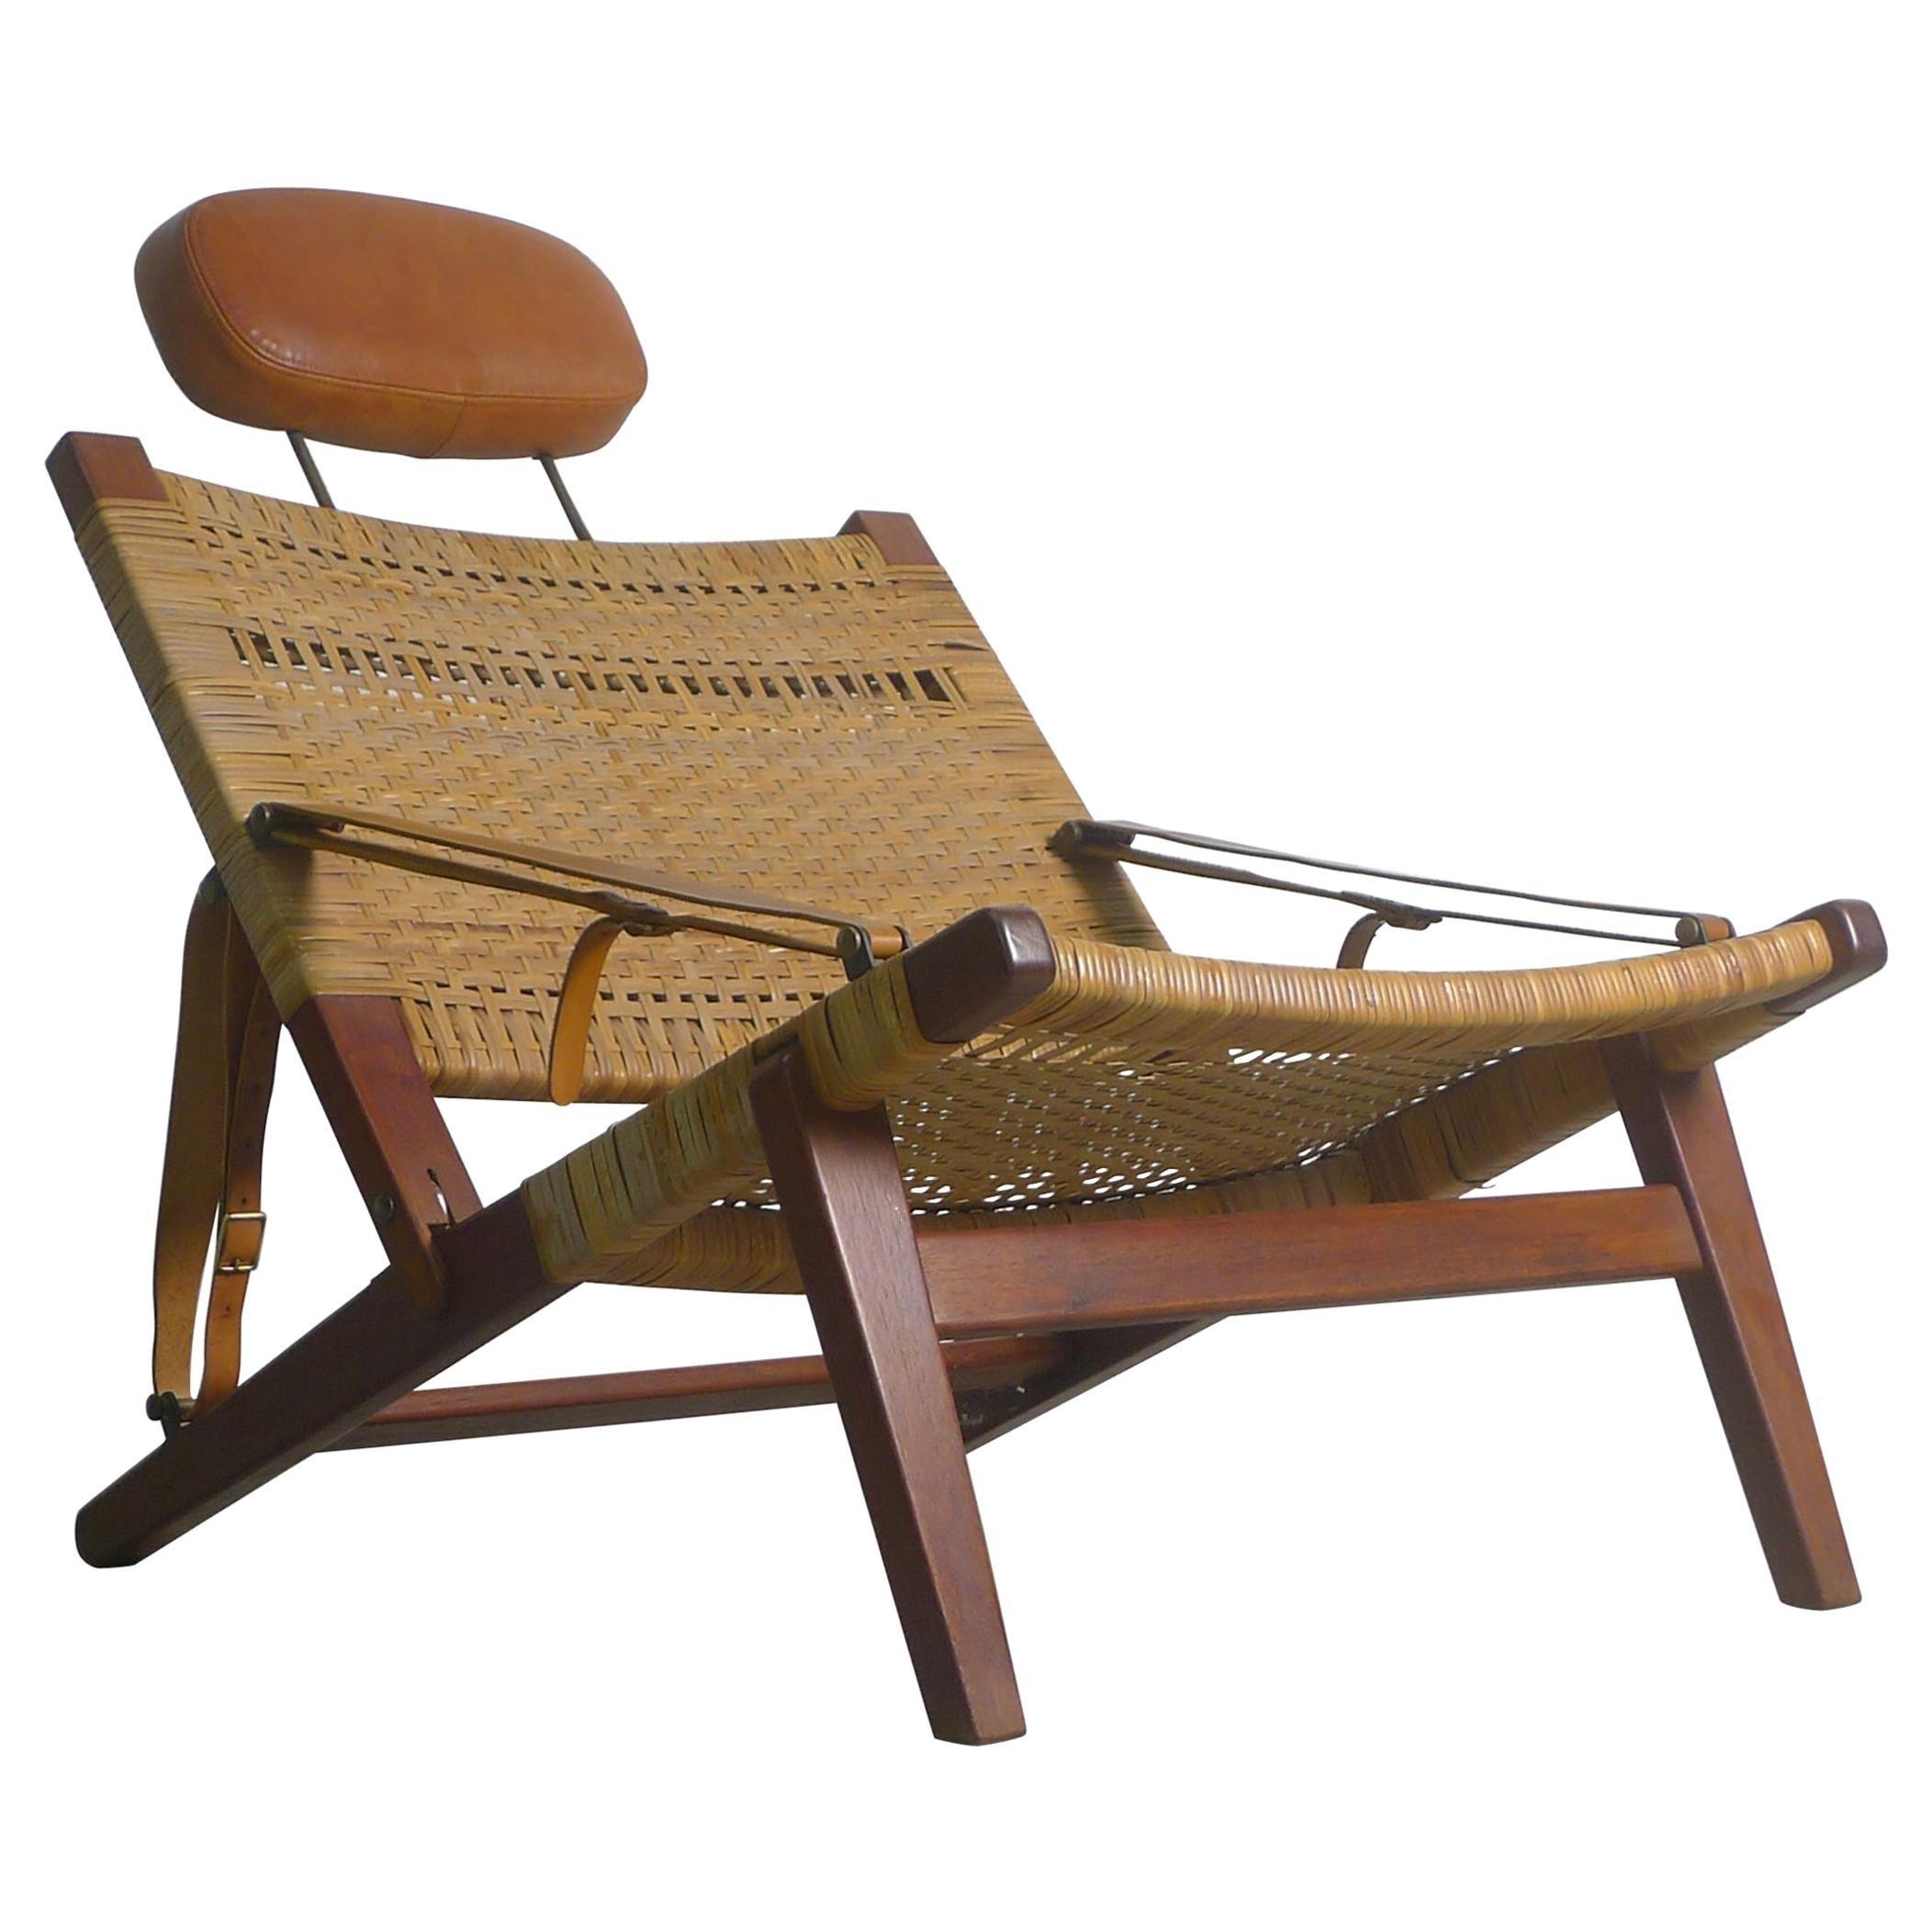 H Brockmann Petersen, Cabinetmade Hunting Chair circa 1956, Denmark